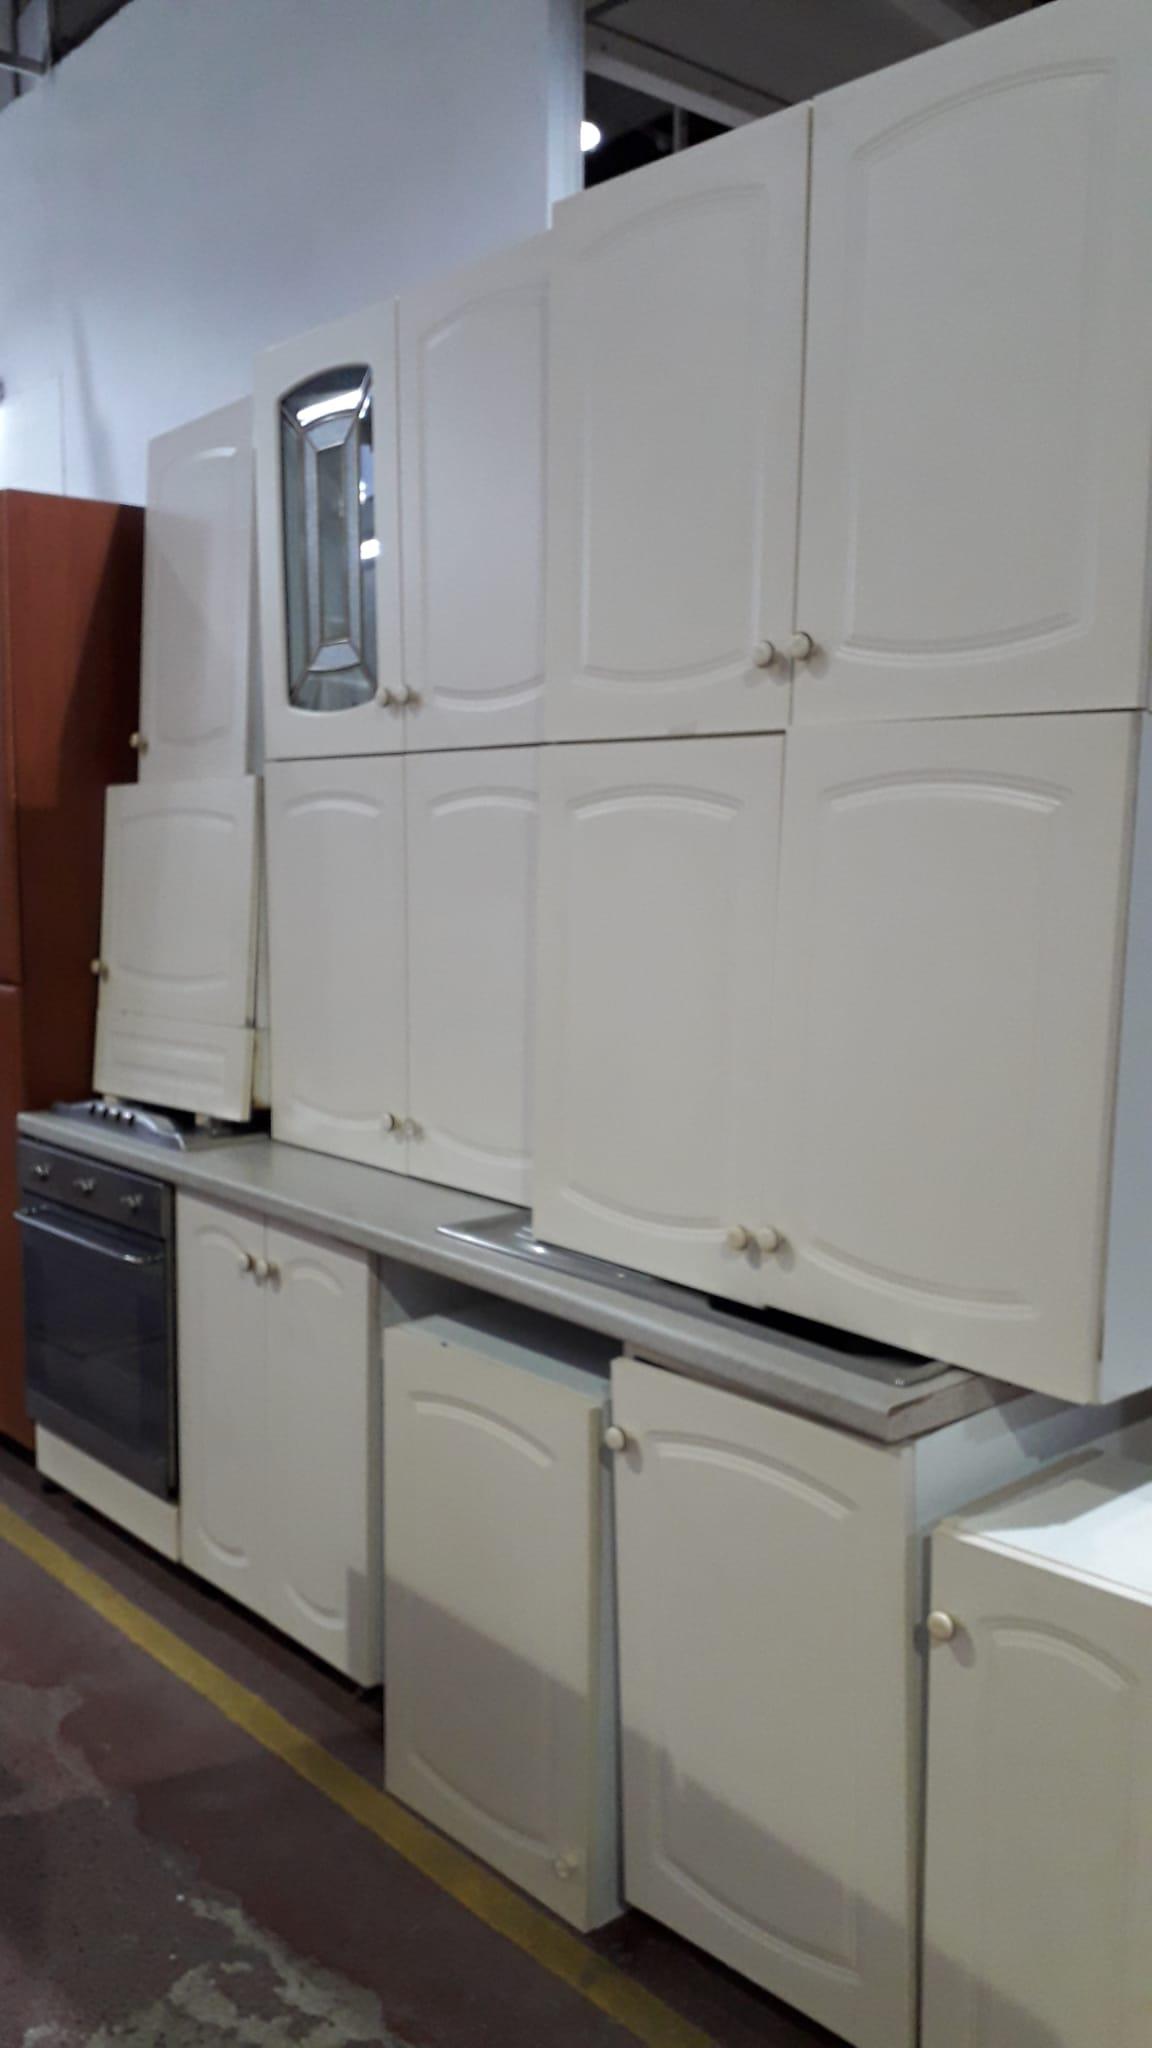 Cucina Ciliegio E Panna catanzaro cucina componibile usata vendi e compra cucine